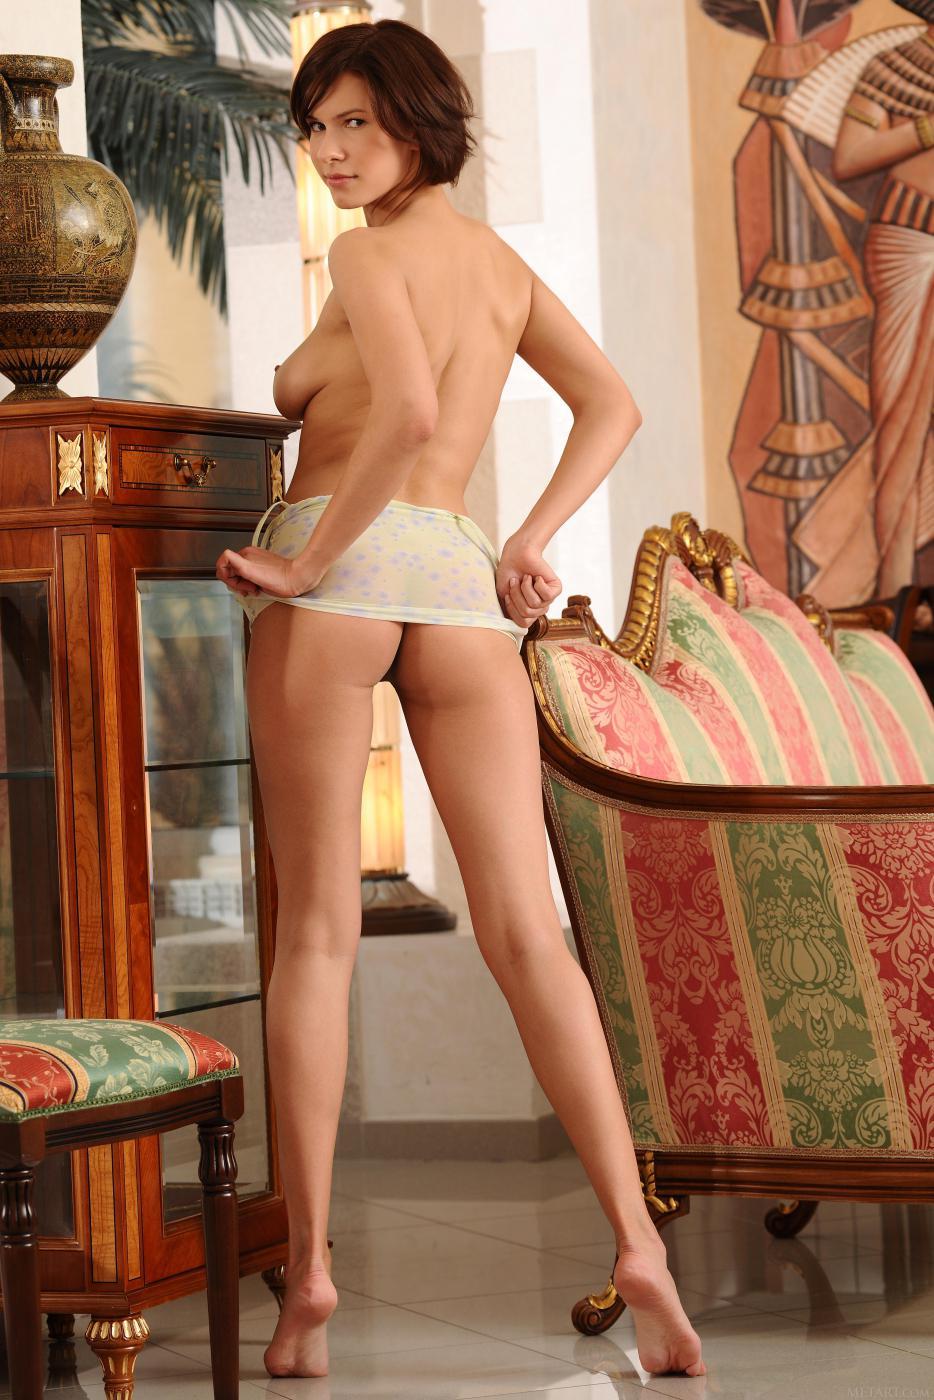 Восхитительная брюнетка, возбуждающая своим видом Suzanna A показывает титьки и киску